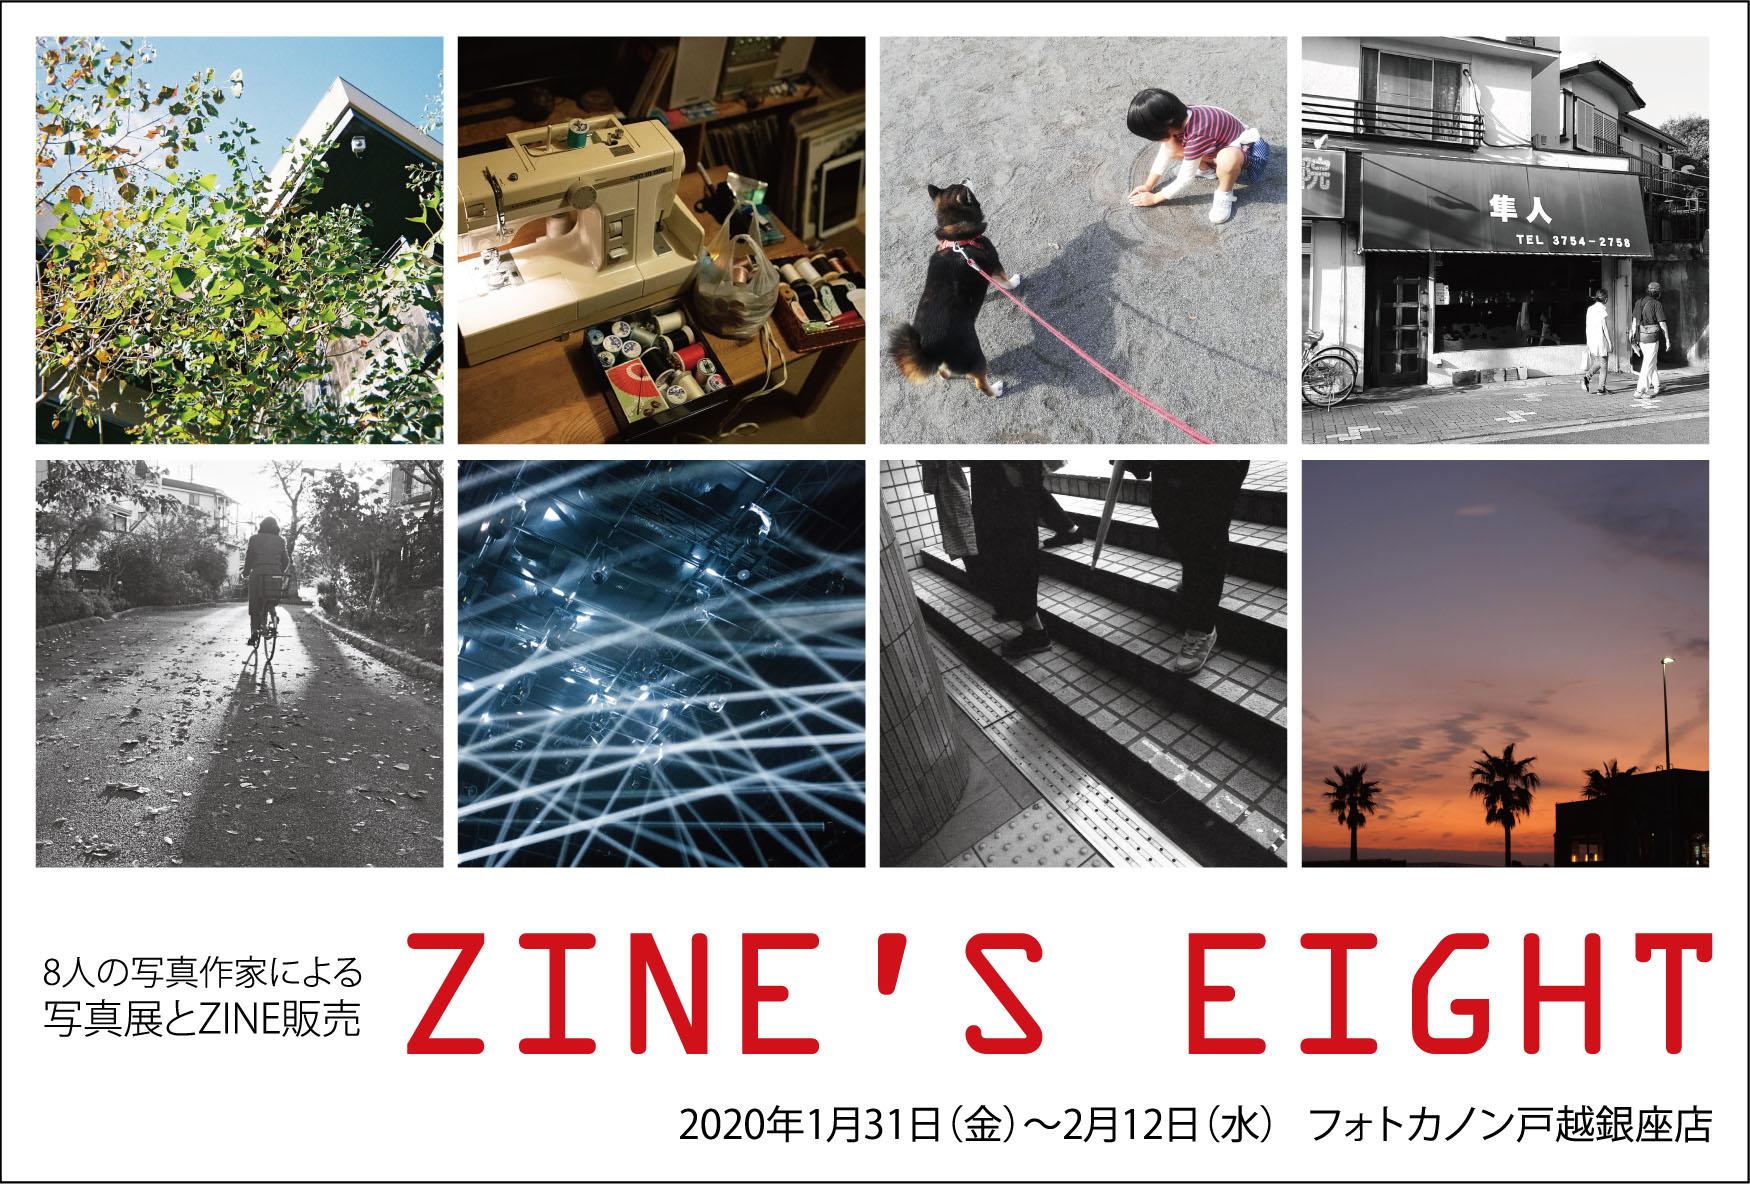 写真展「ZINE'S EIGHT」_c0299360_0241556.jpg